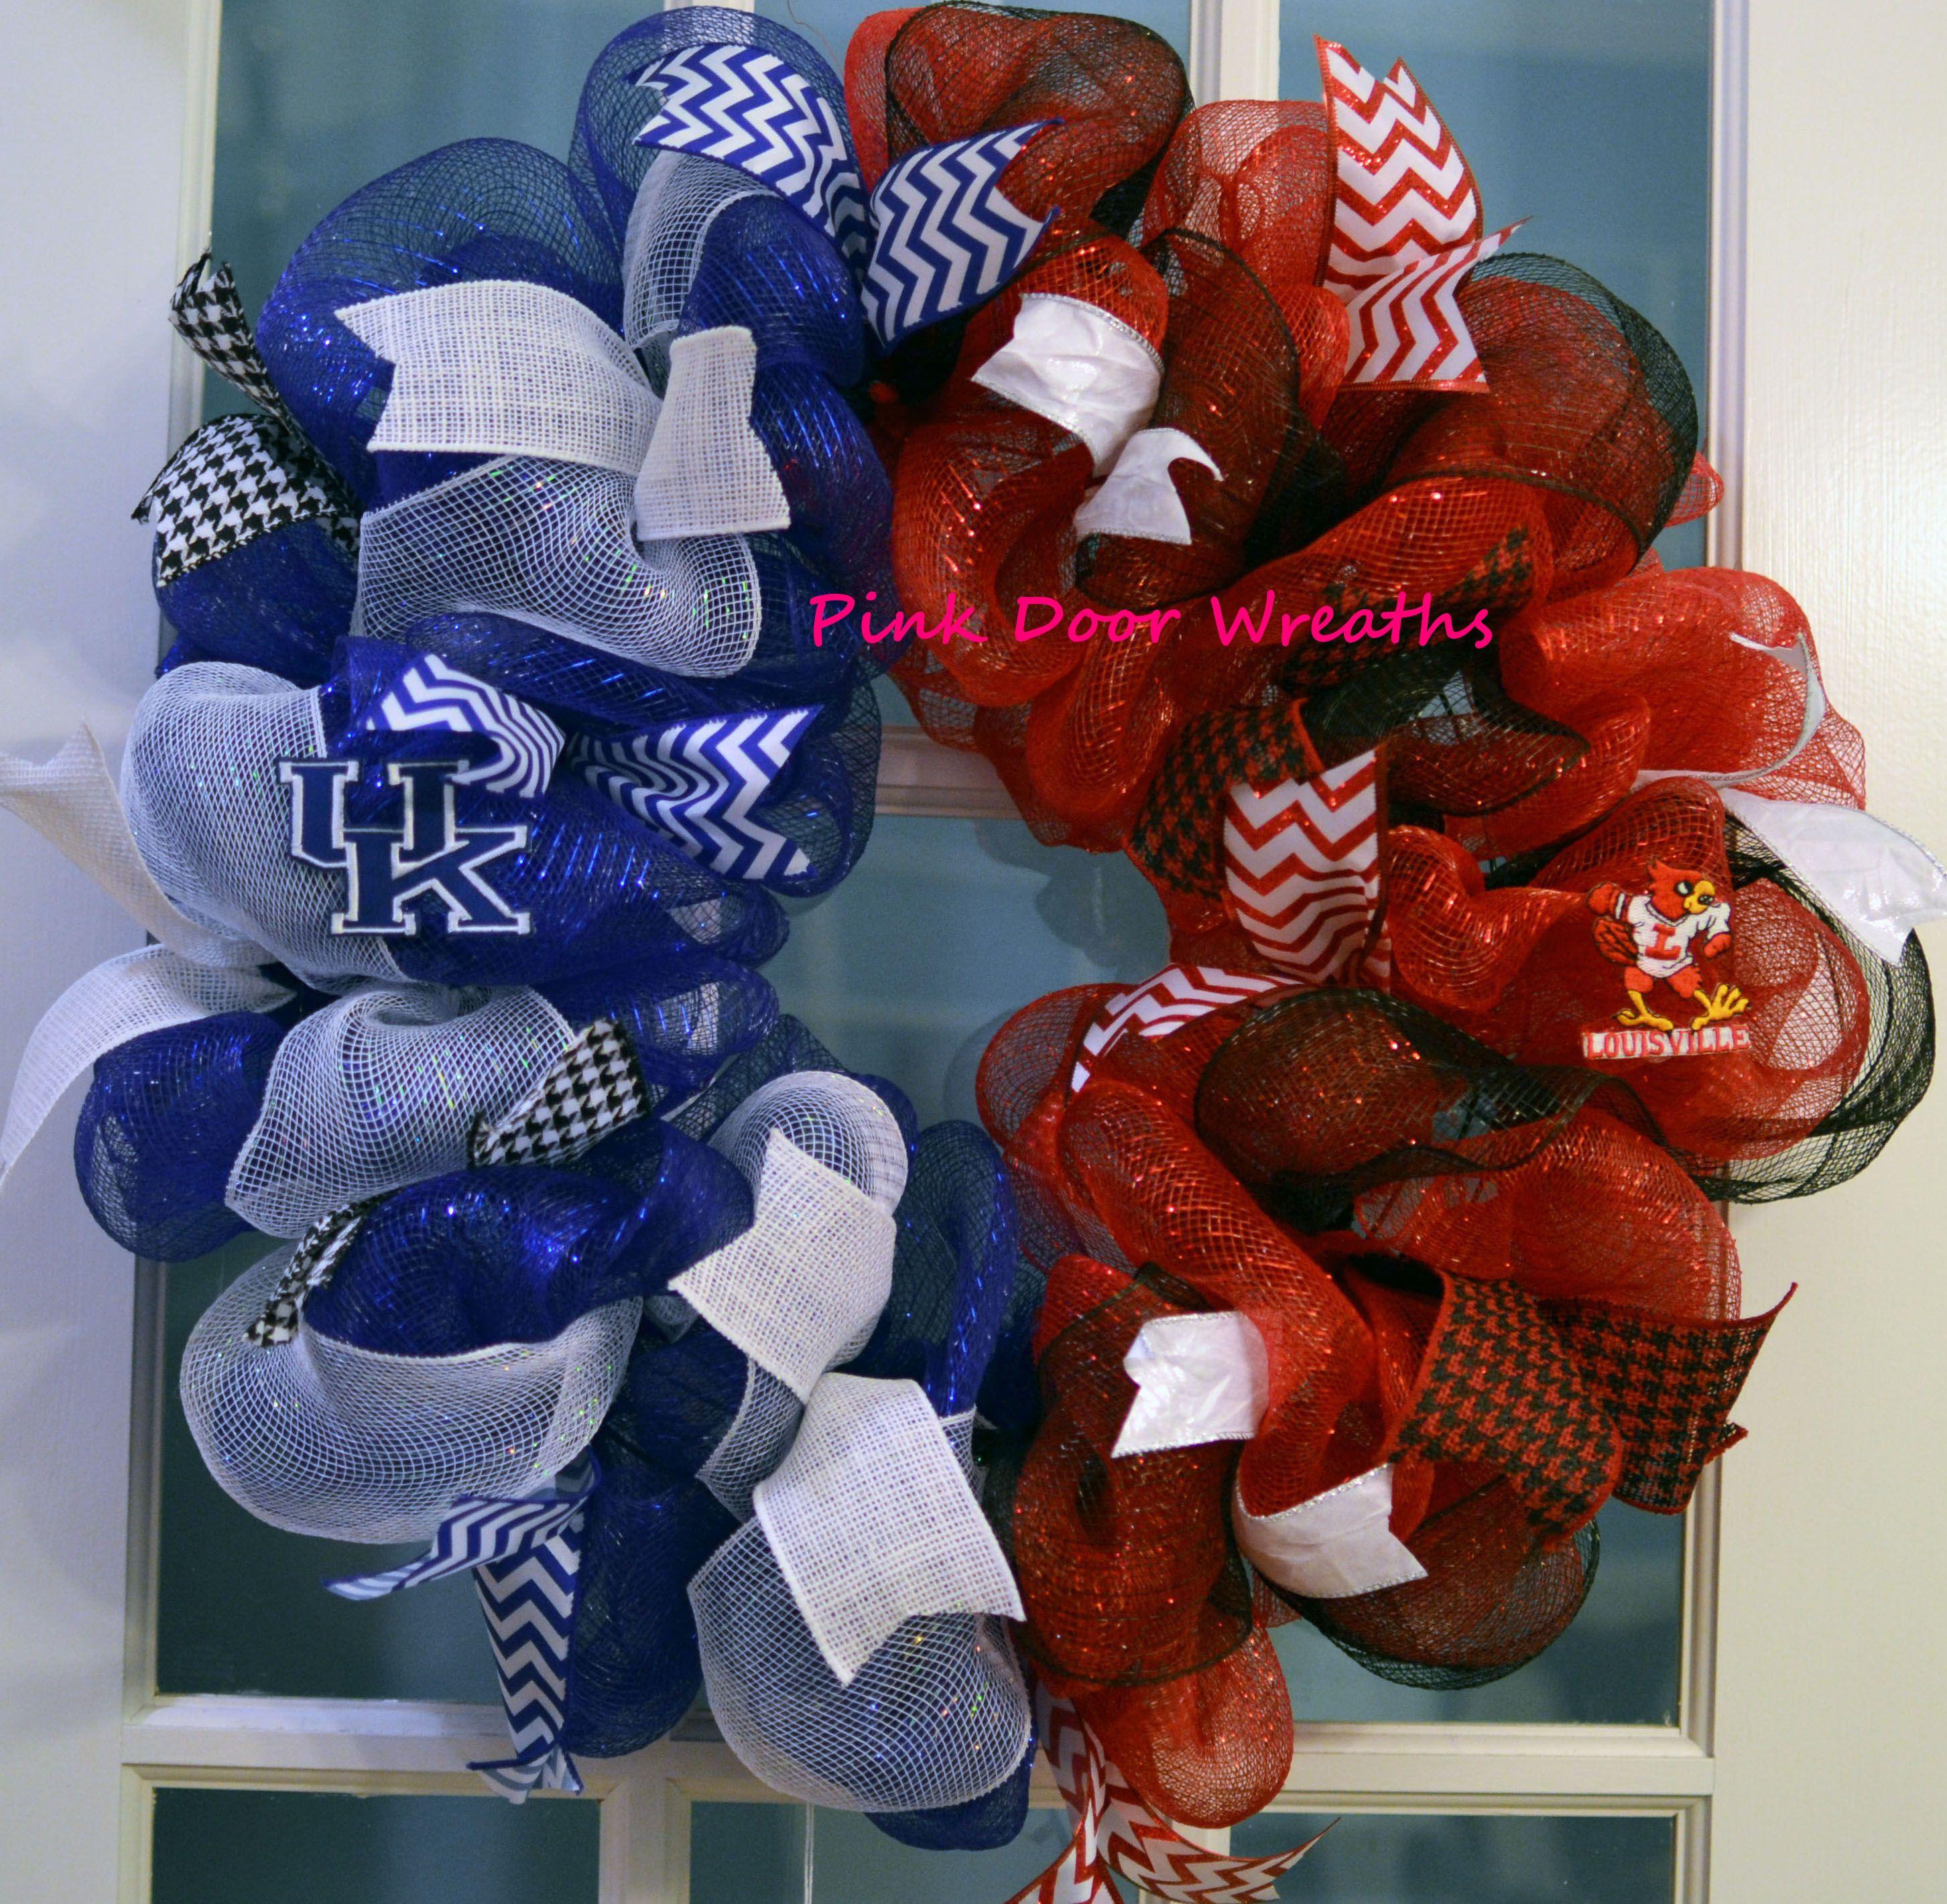 Housedivided Ul Uk Wreath Louisville Kentucky Split Wreath By